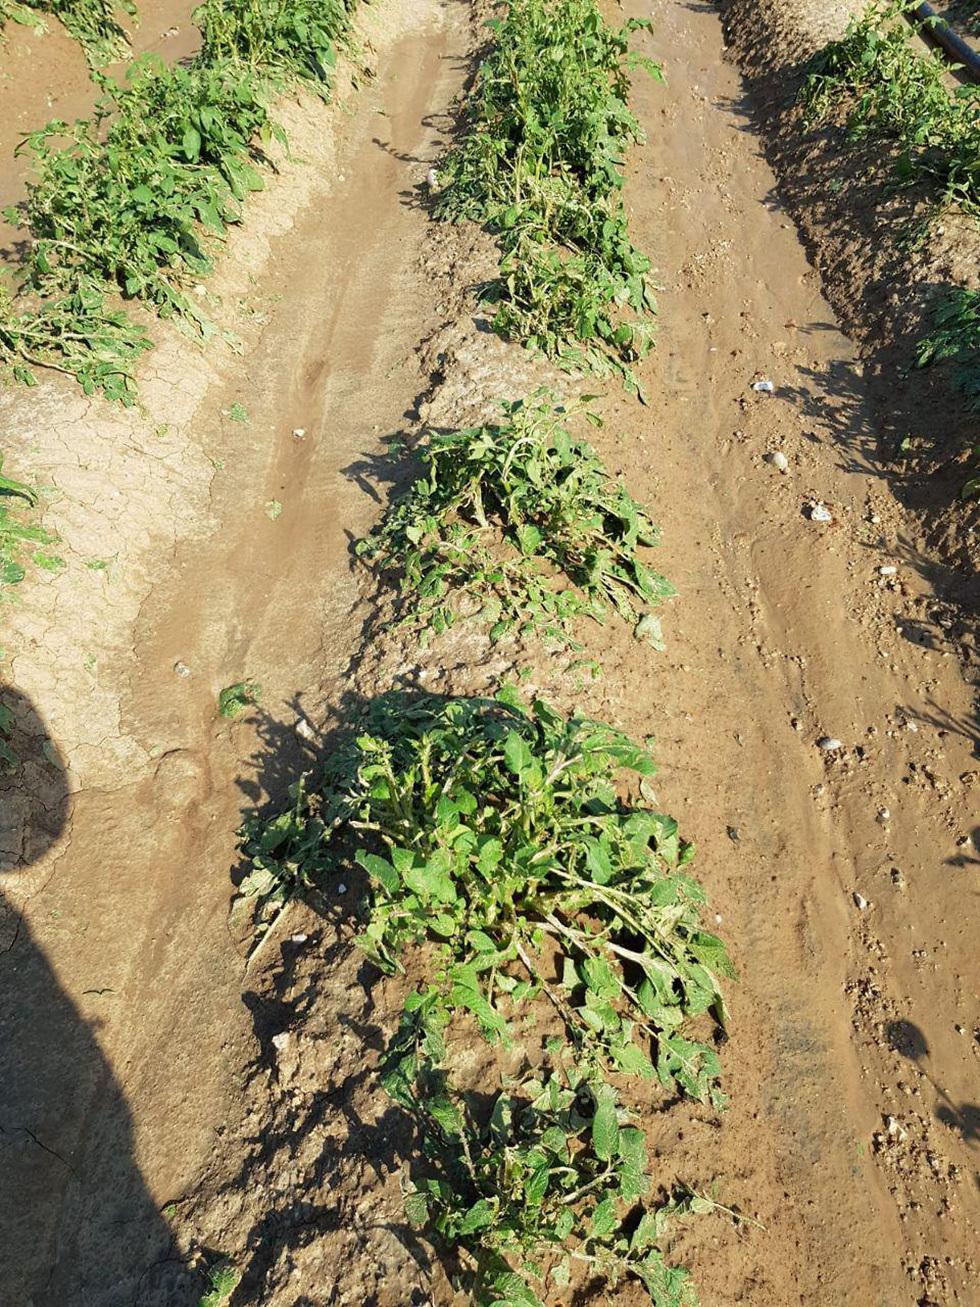 שדה תפוח אדמה אשר נפגע בעוטף עזה ()